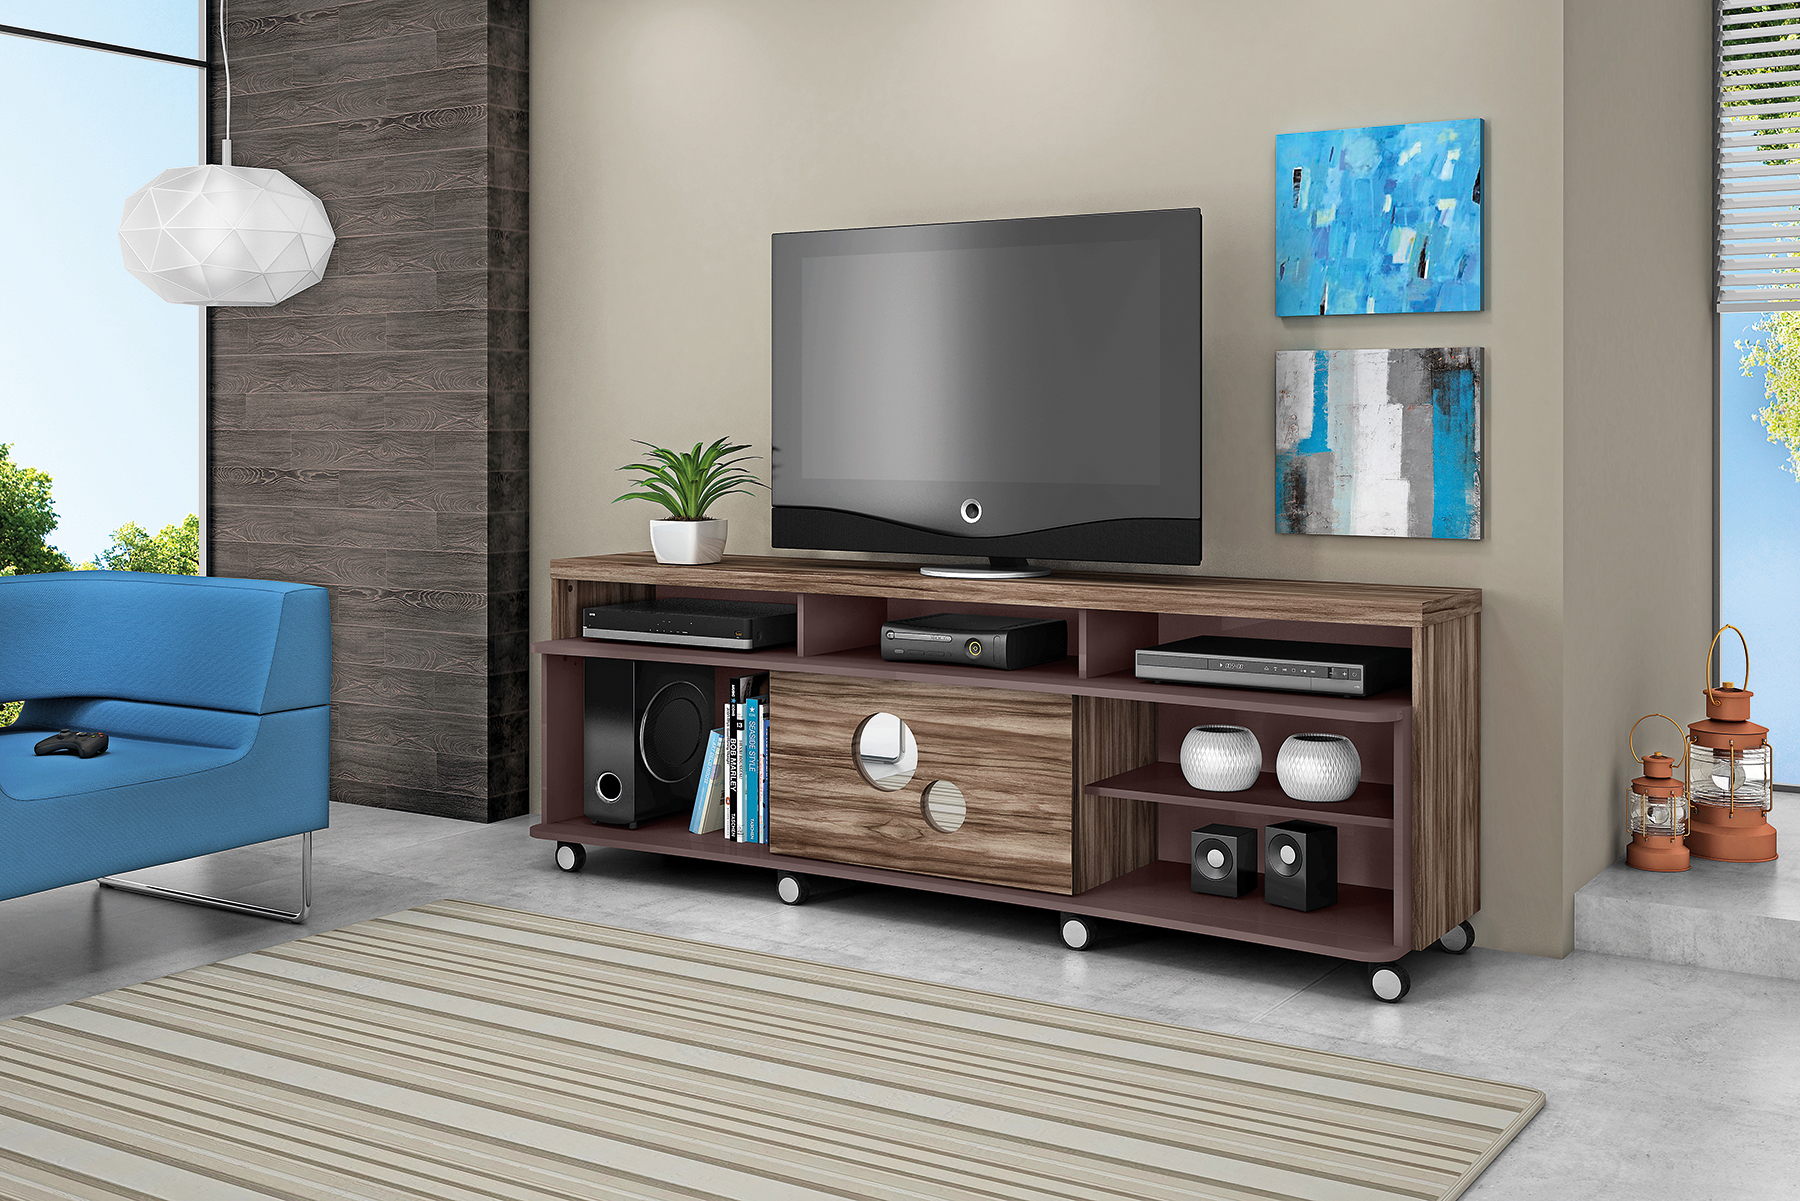 Muebles para televisor y equipo de sonido modernos for Muebles televisor moderno